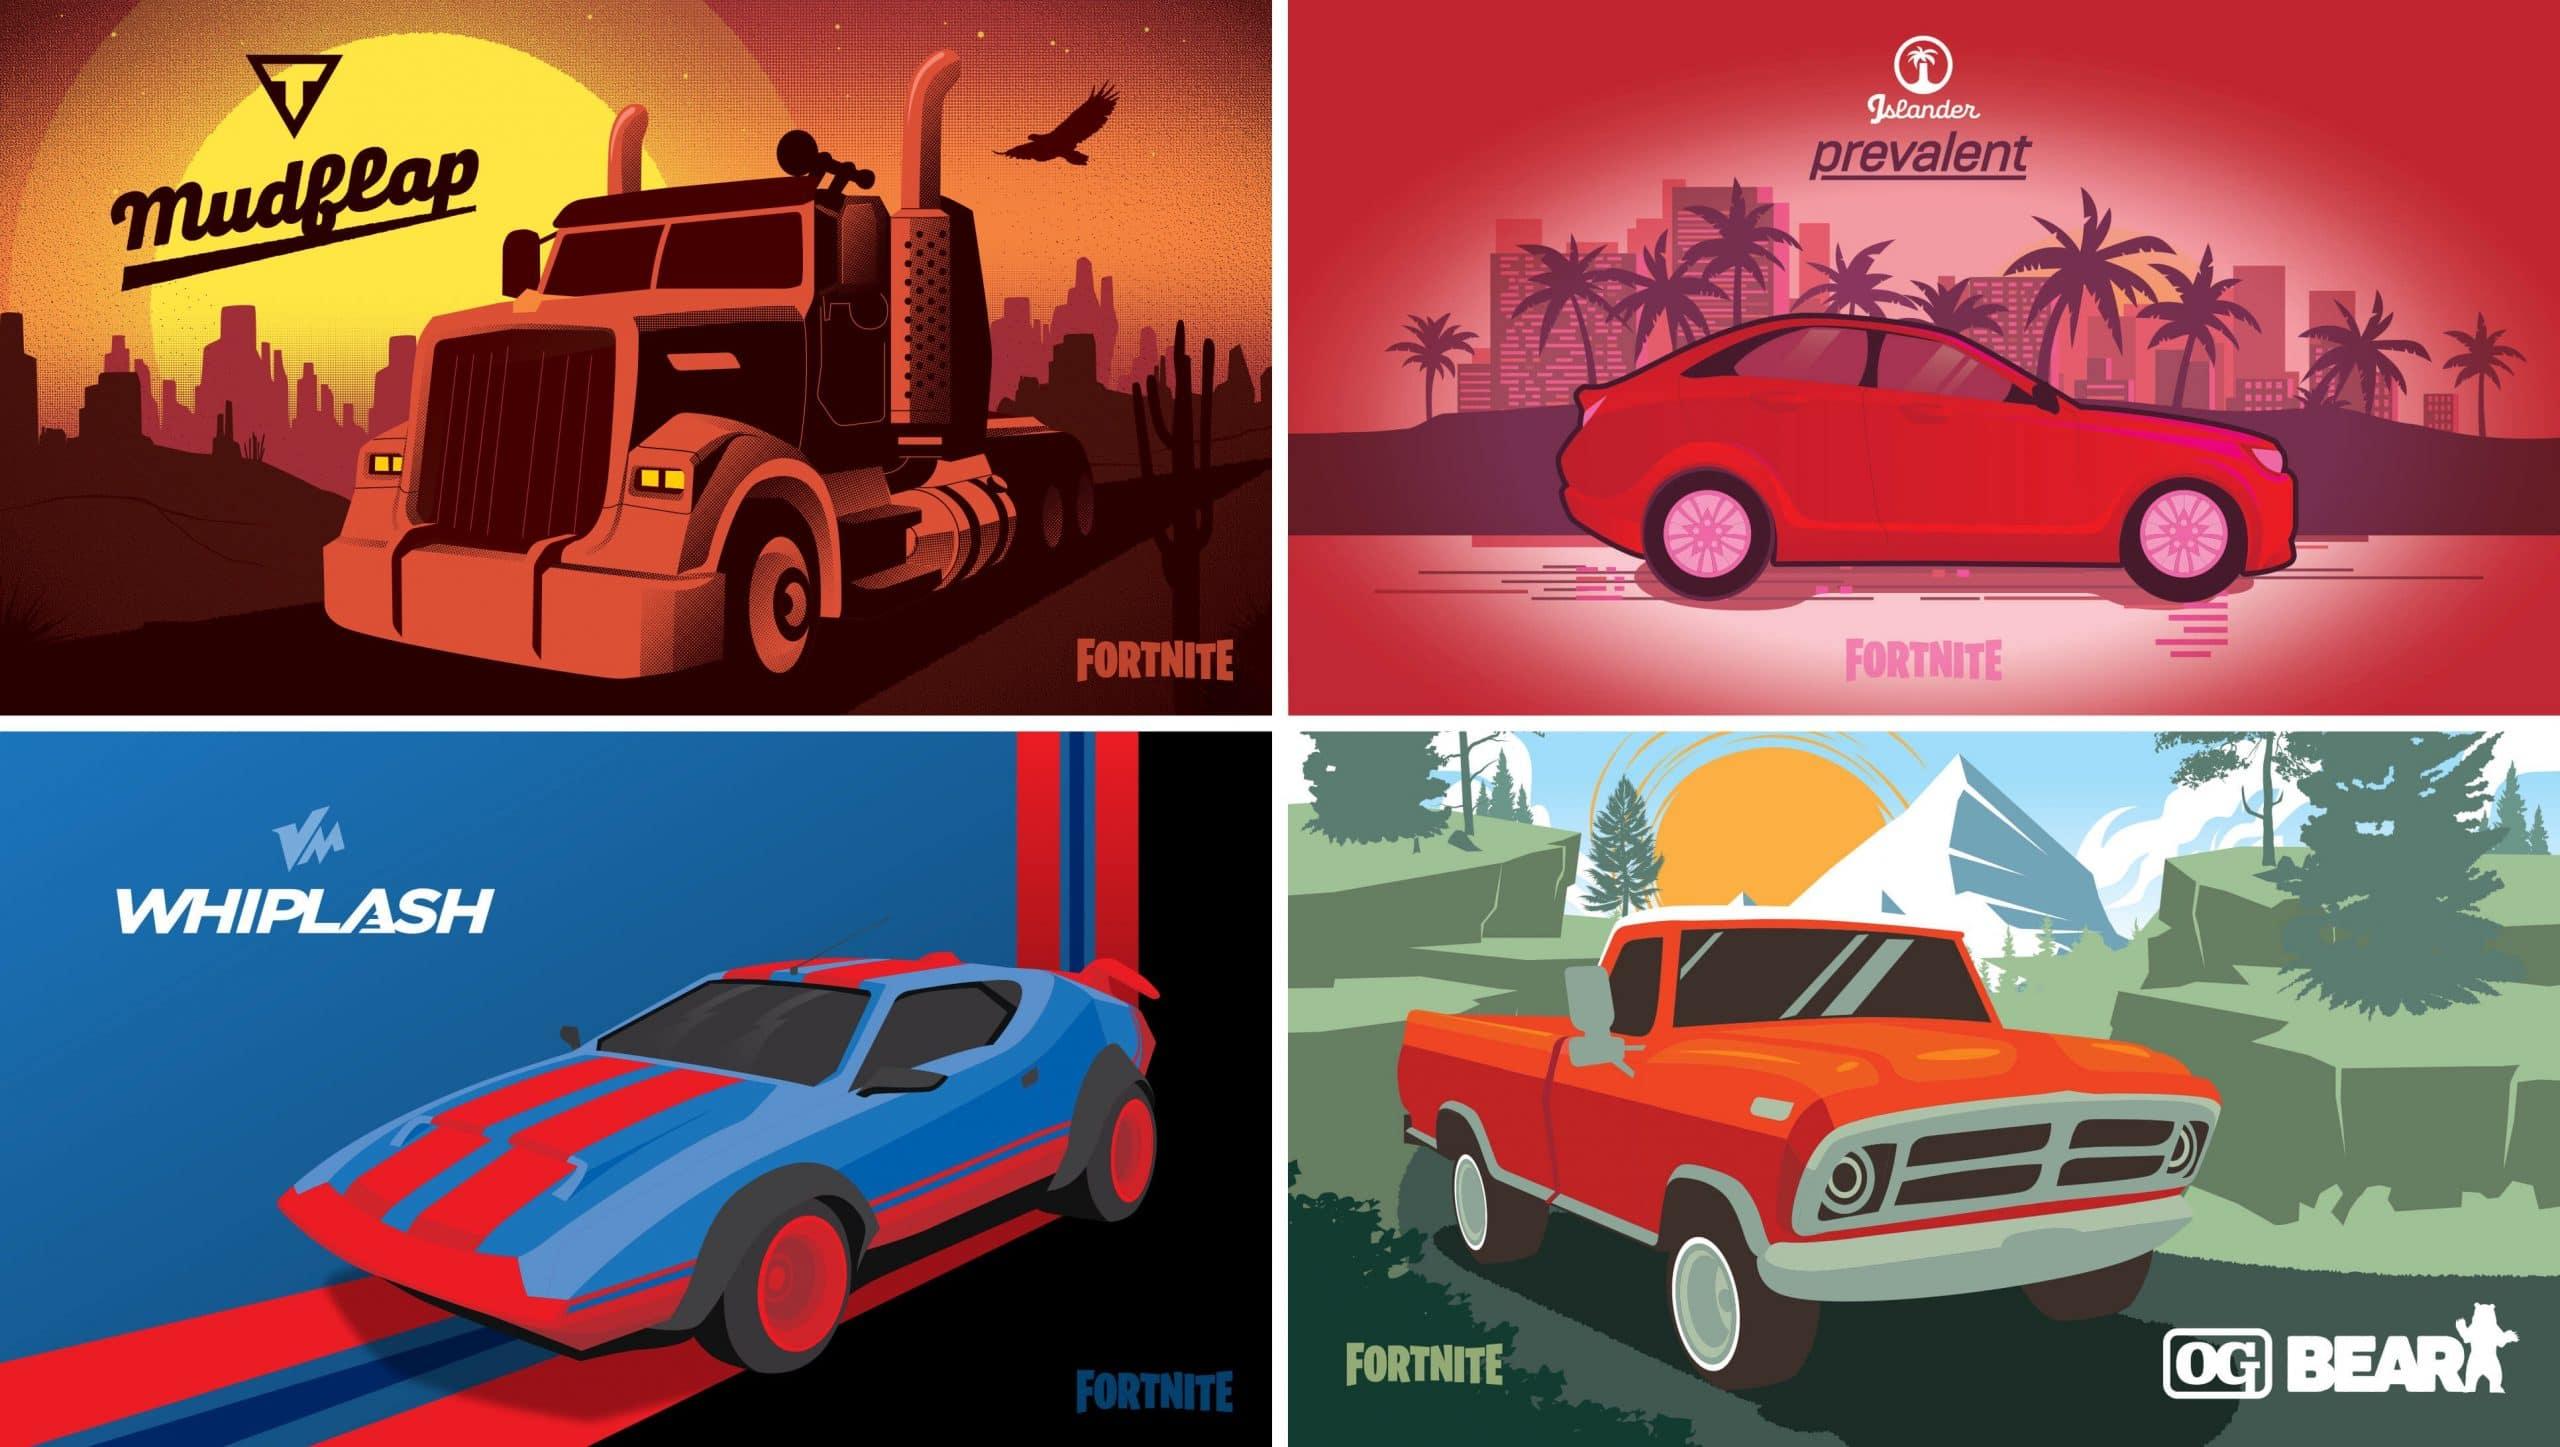 машины - В 16 сезоне фортнайт появятся боссы-машины и персонажи на транспорте